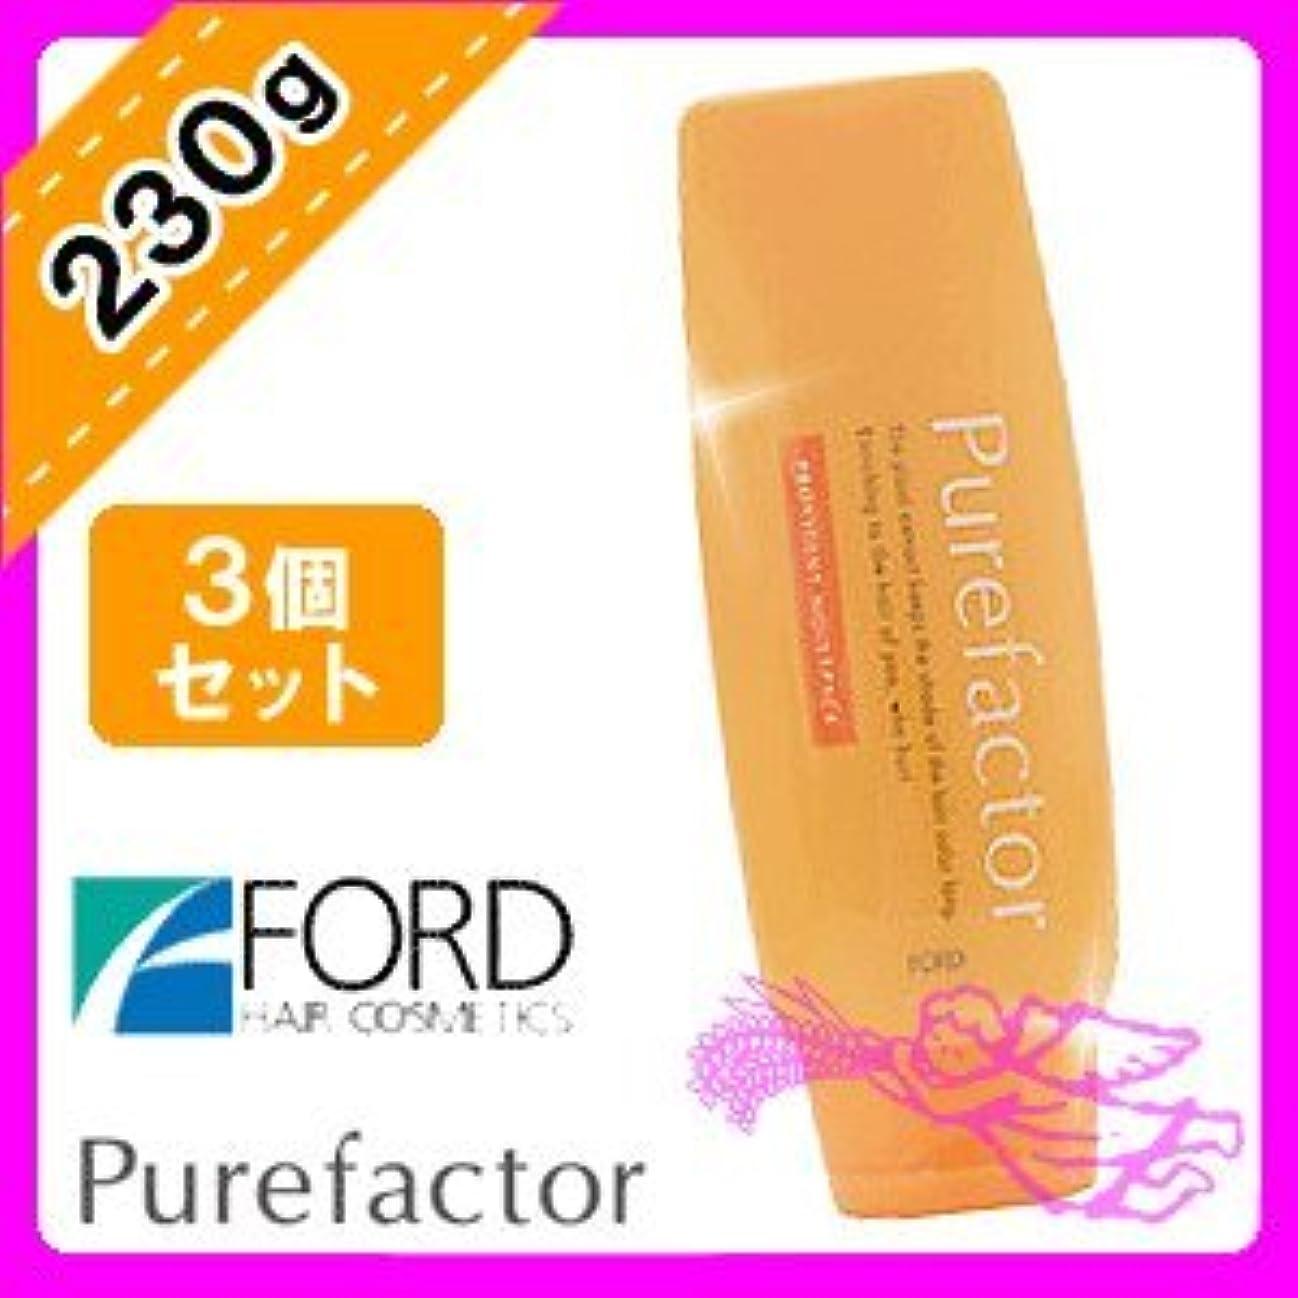 間に合わせ準備したピッチフォード ピュアファクター モイストパック 230g ×3個 セット FORD Pure factor